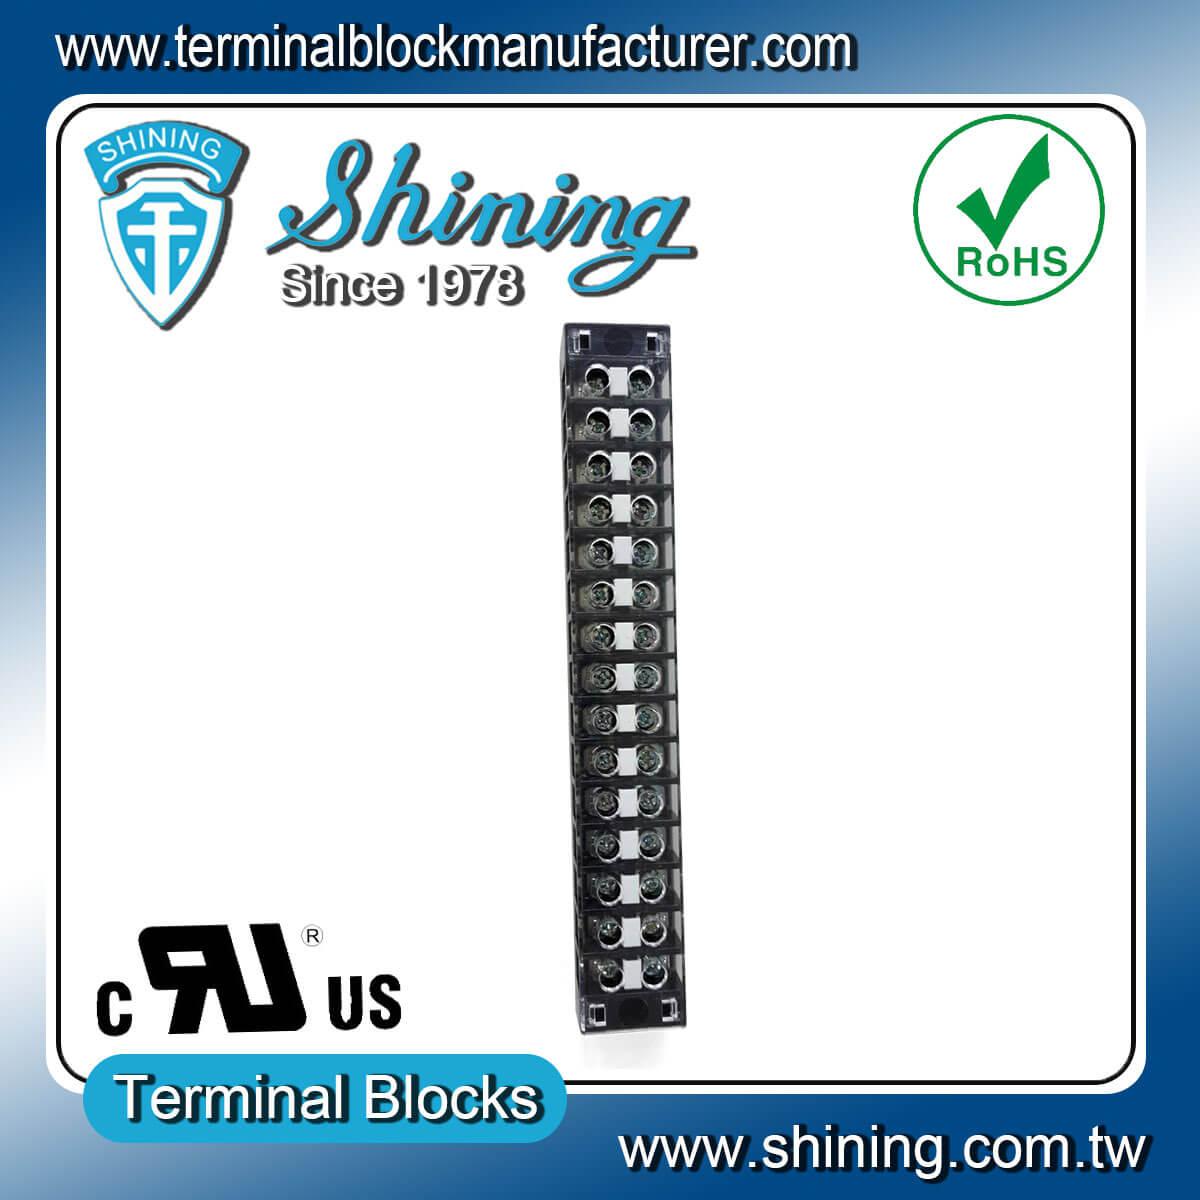 TB-31515CP 300V 15A 15Pole固定式柵欄端子台